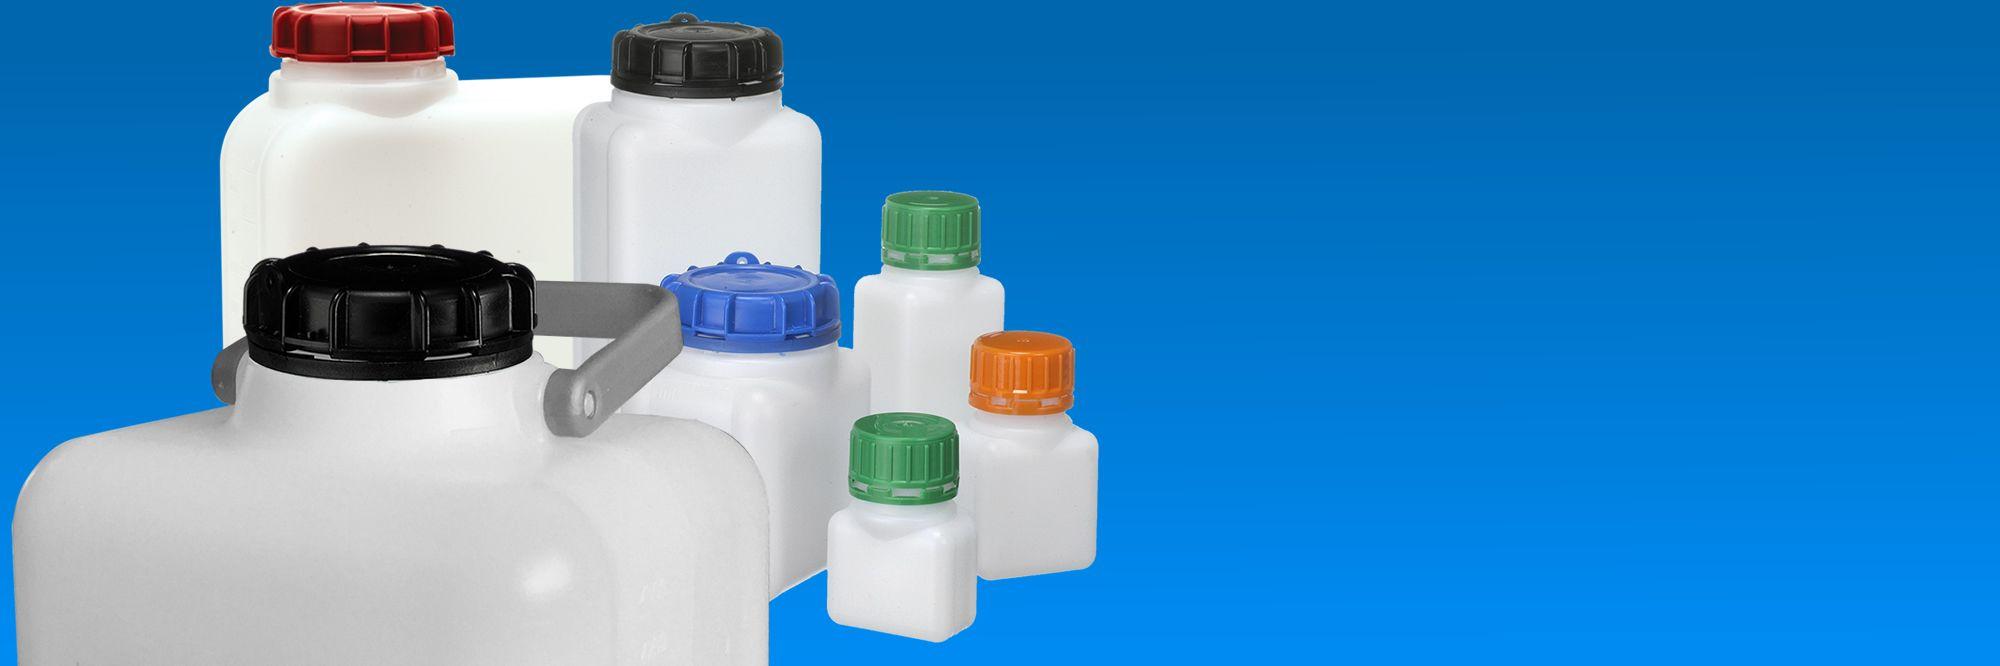 Heavy Duty Bottles3